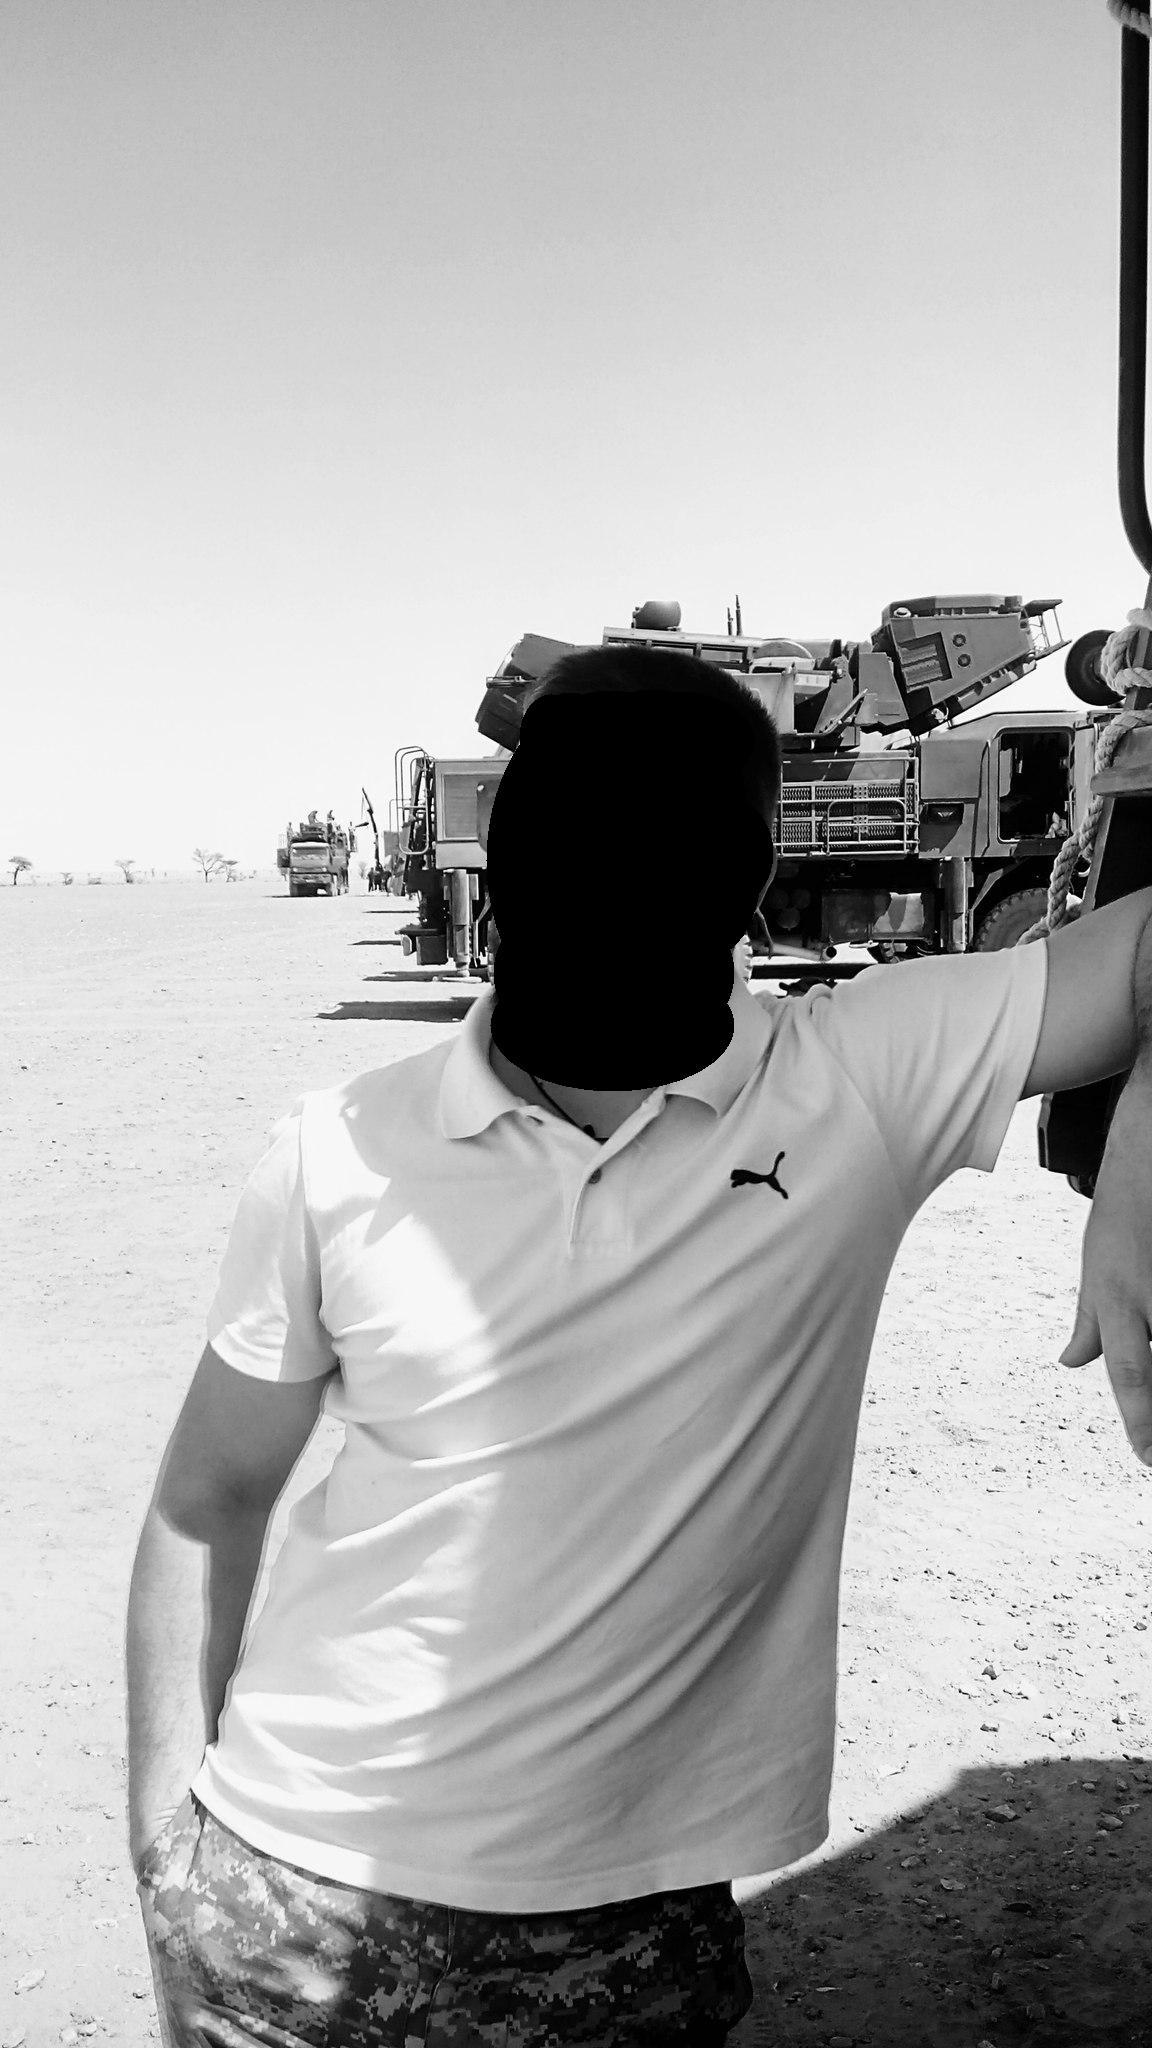 القوات البرية الجزائرية [ Pantsyr-S1 / SA-22 Greyhound ]   33605980294_20eaa076b4_o